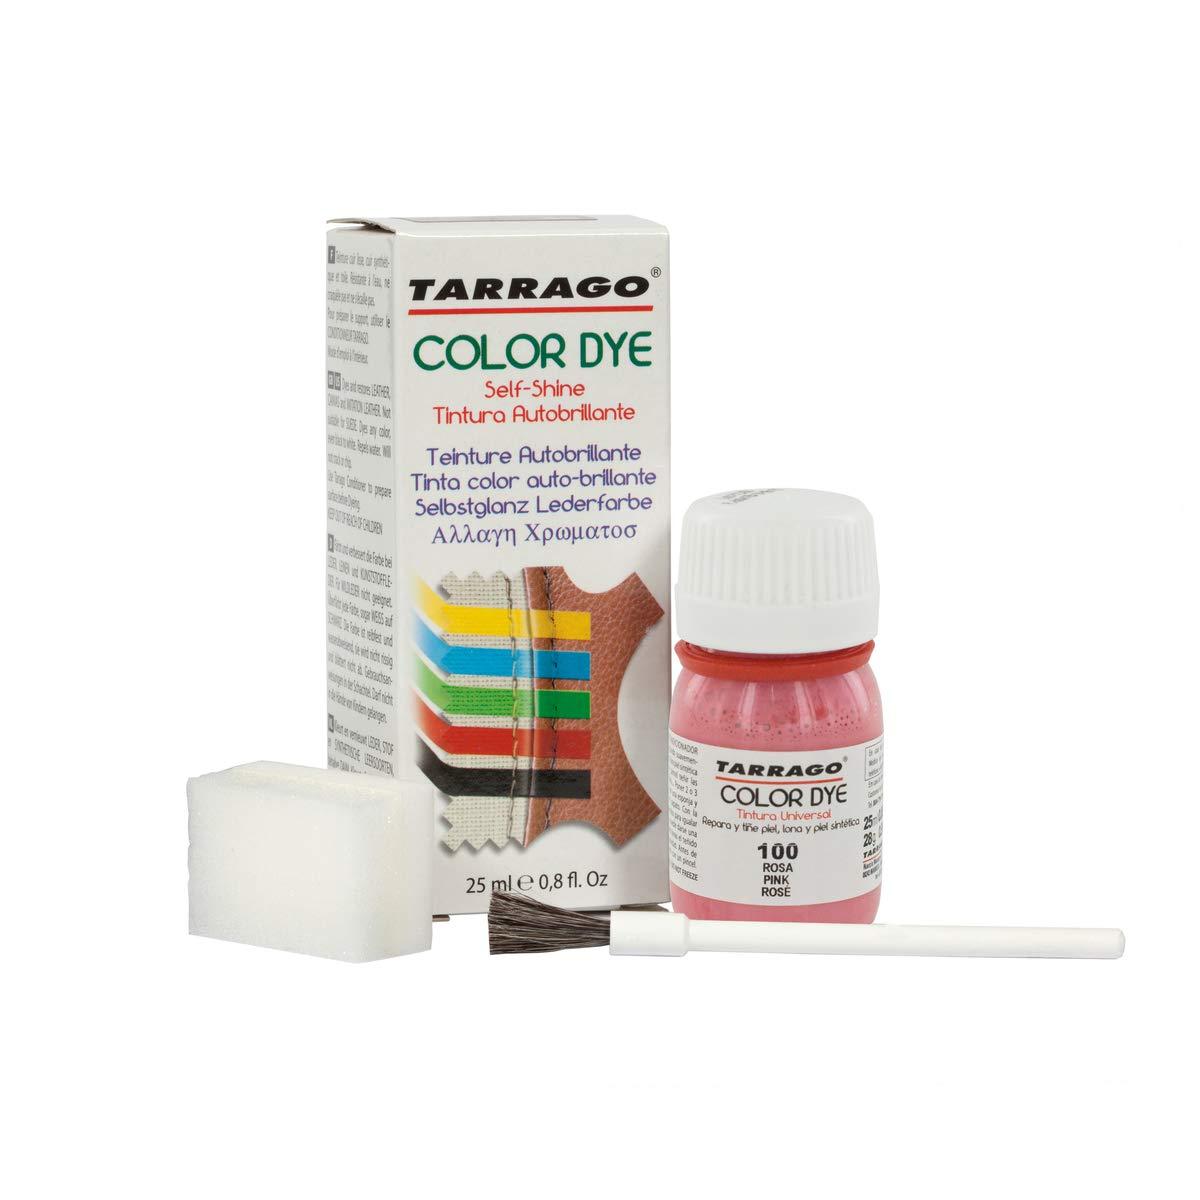 Teñir y cambiar el color del cuero con Tarrago Color Dye